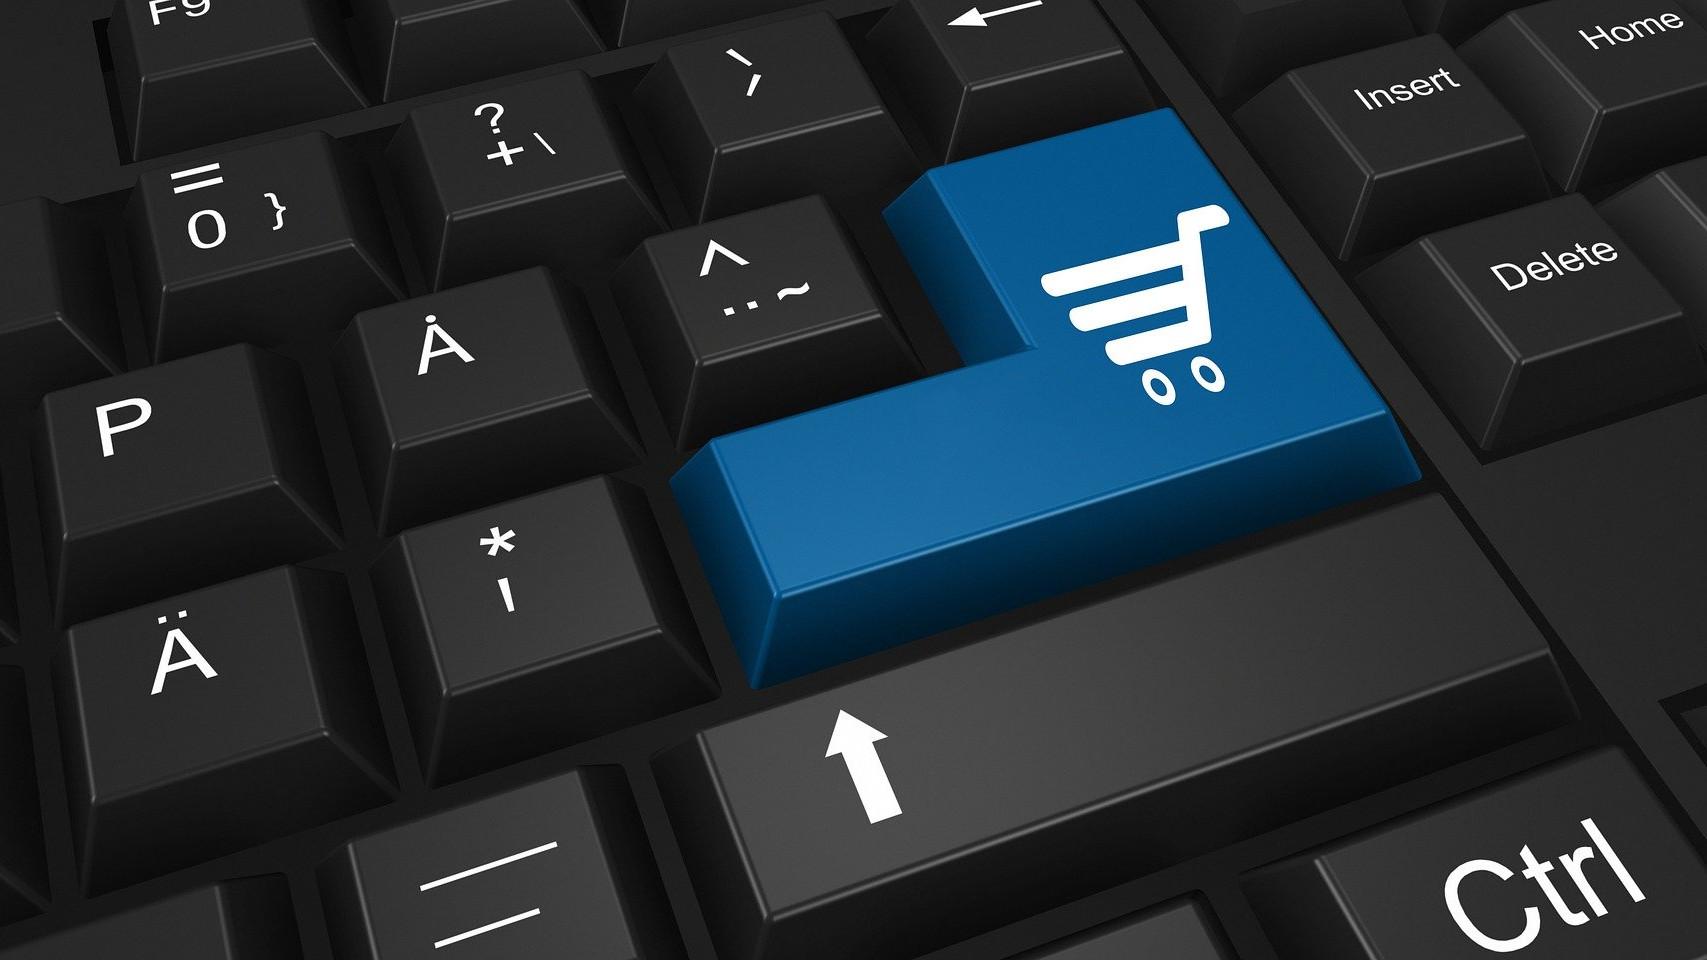 Комитет по конкурентной политике региона опубликовал 10 закупок в инфосистеме за неделю